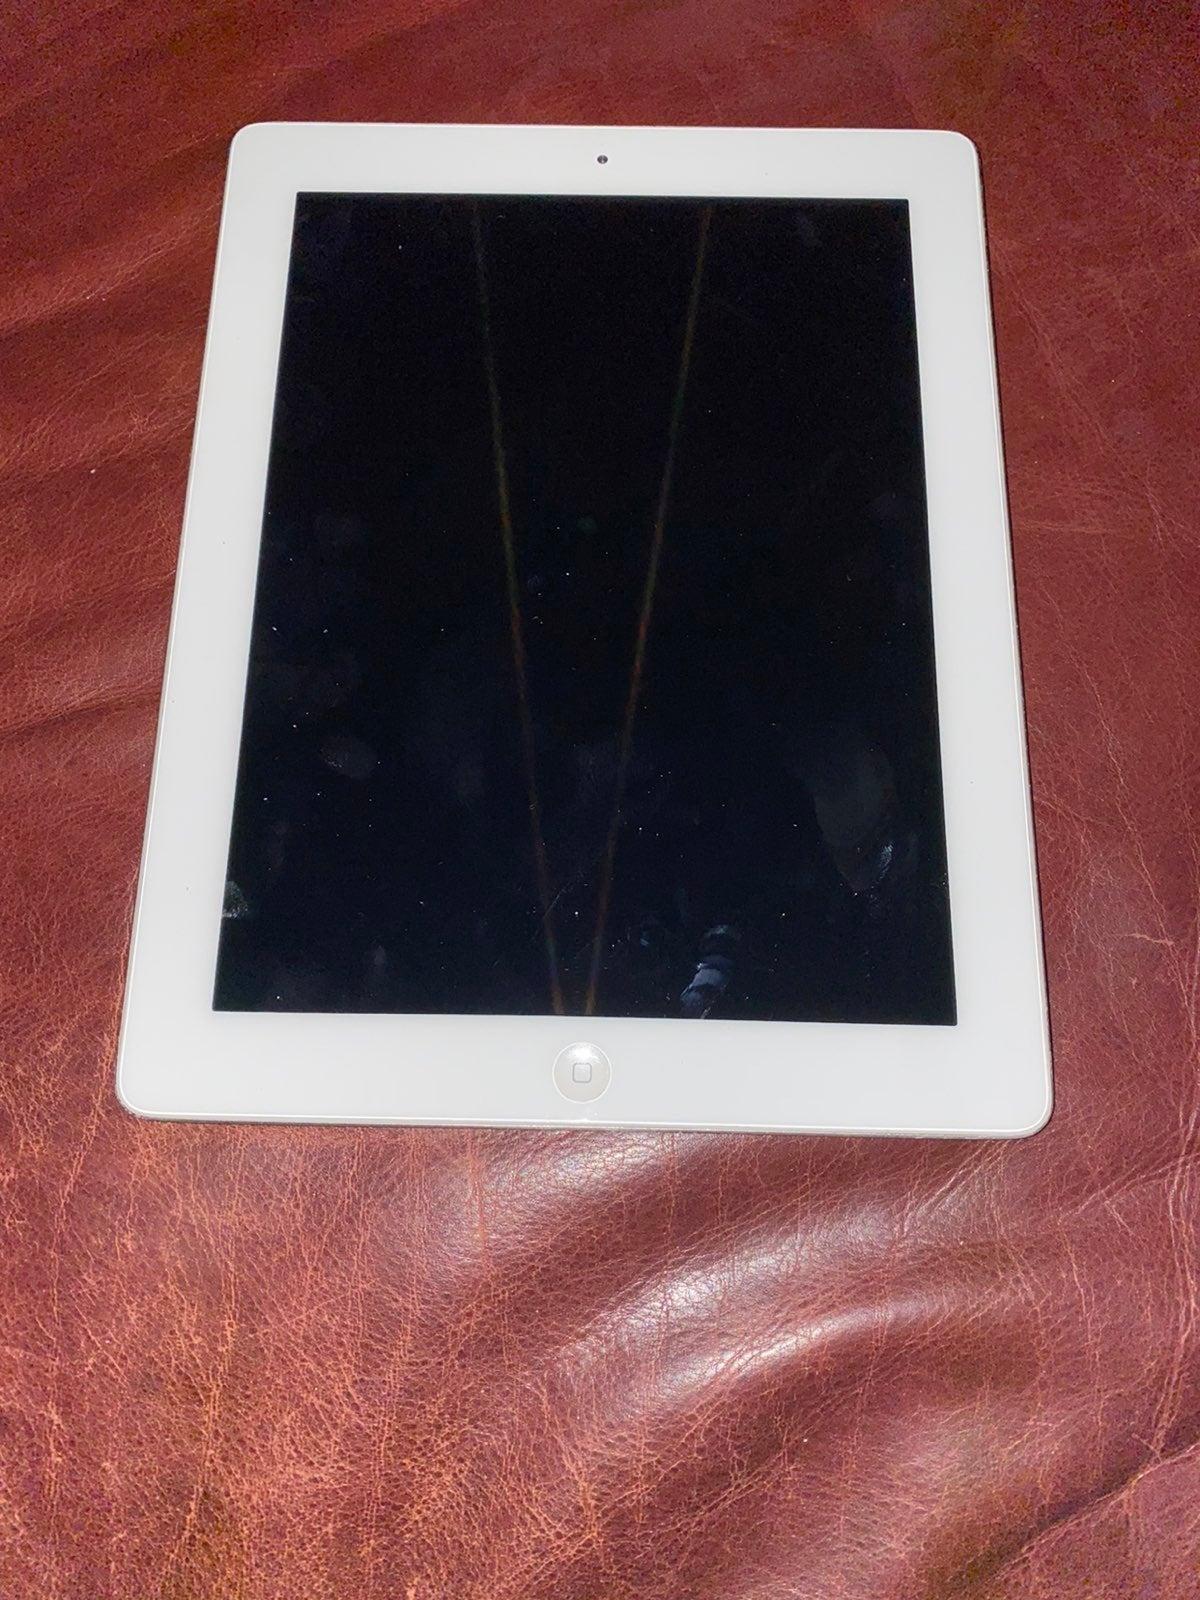 Apple Ipad 2nd Gen 16gb Wifi Only